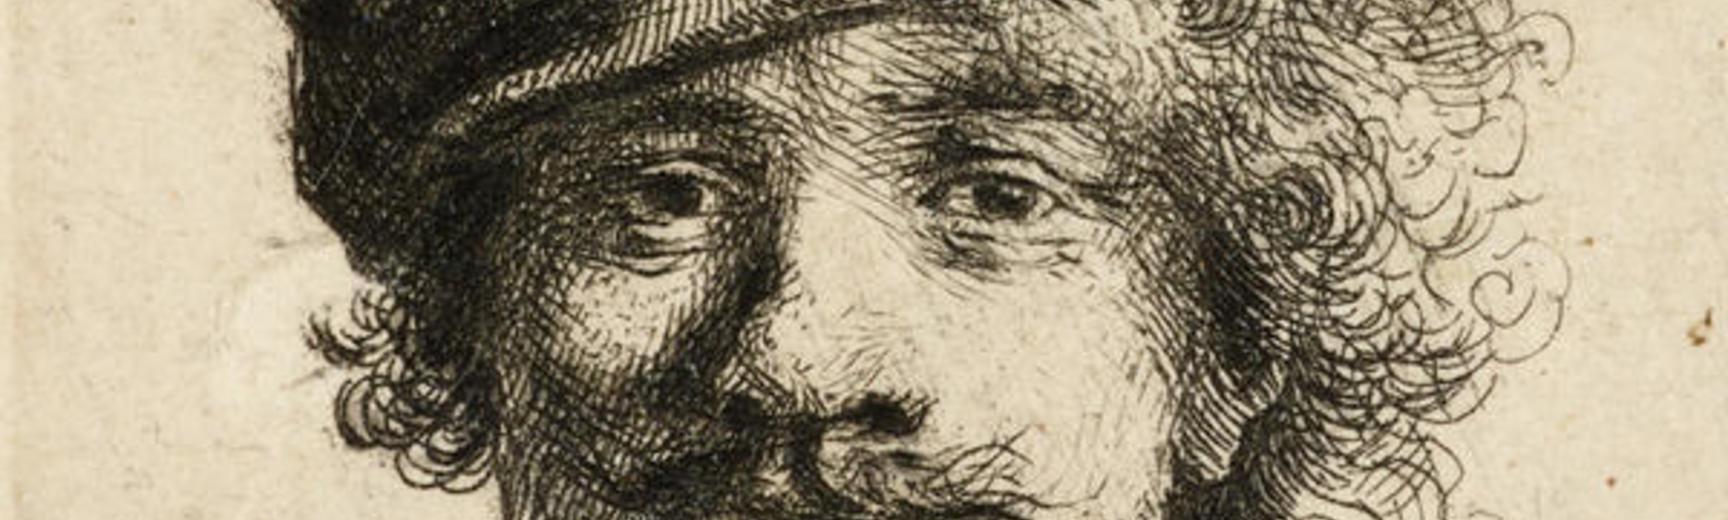 rembrandt self portrait wearing a soft cap c ashmolean museum